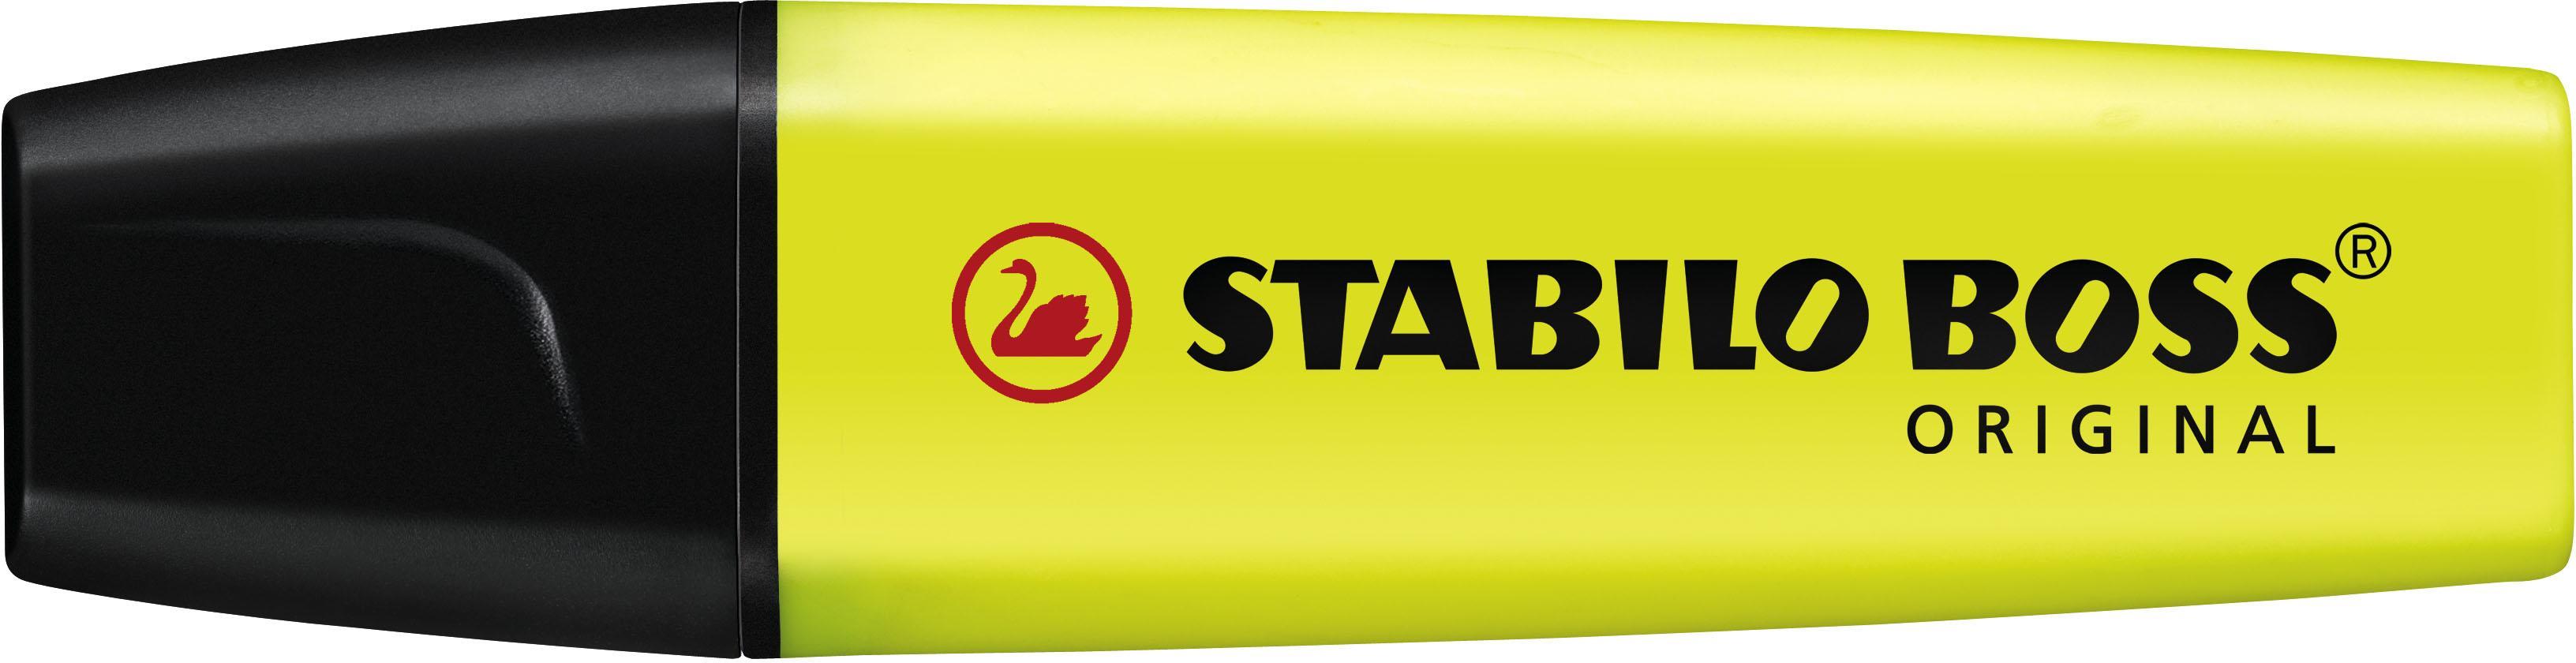 Stabilo Markeerstift BOSS 10-Pack geel